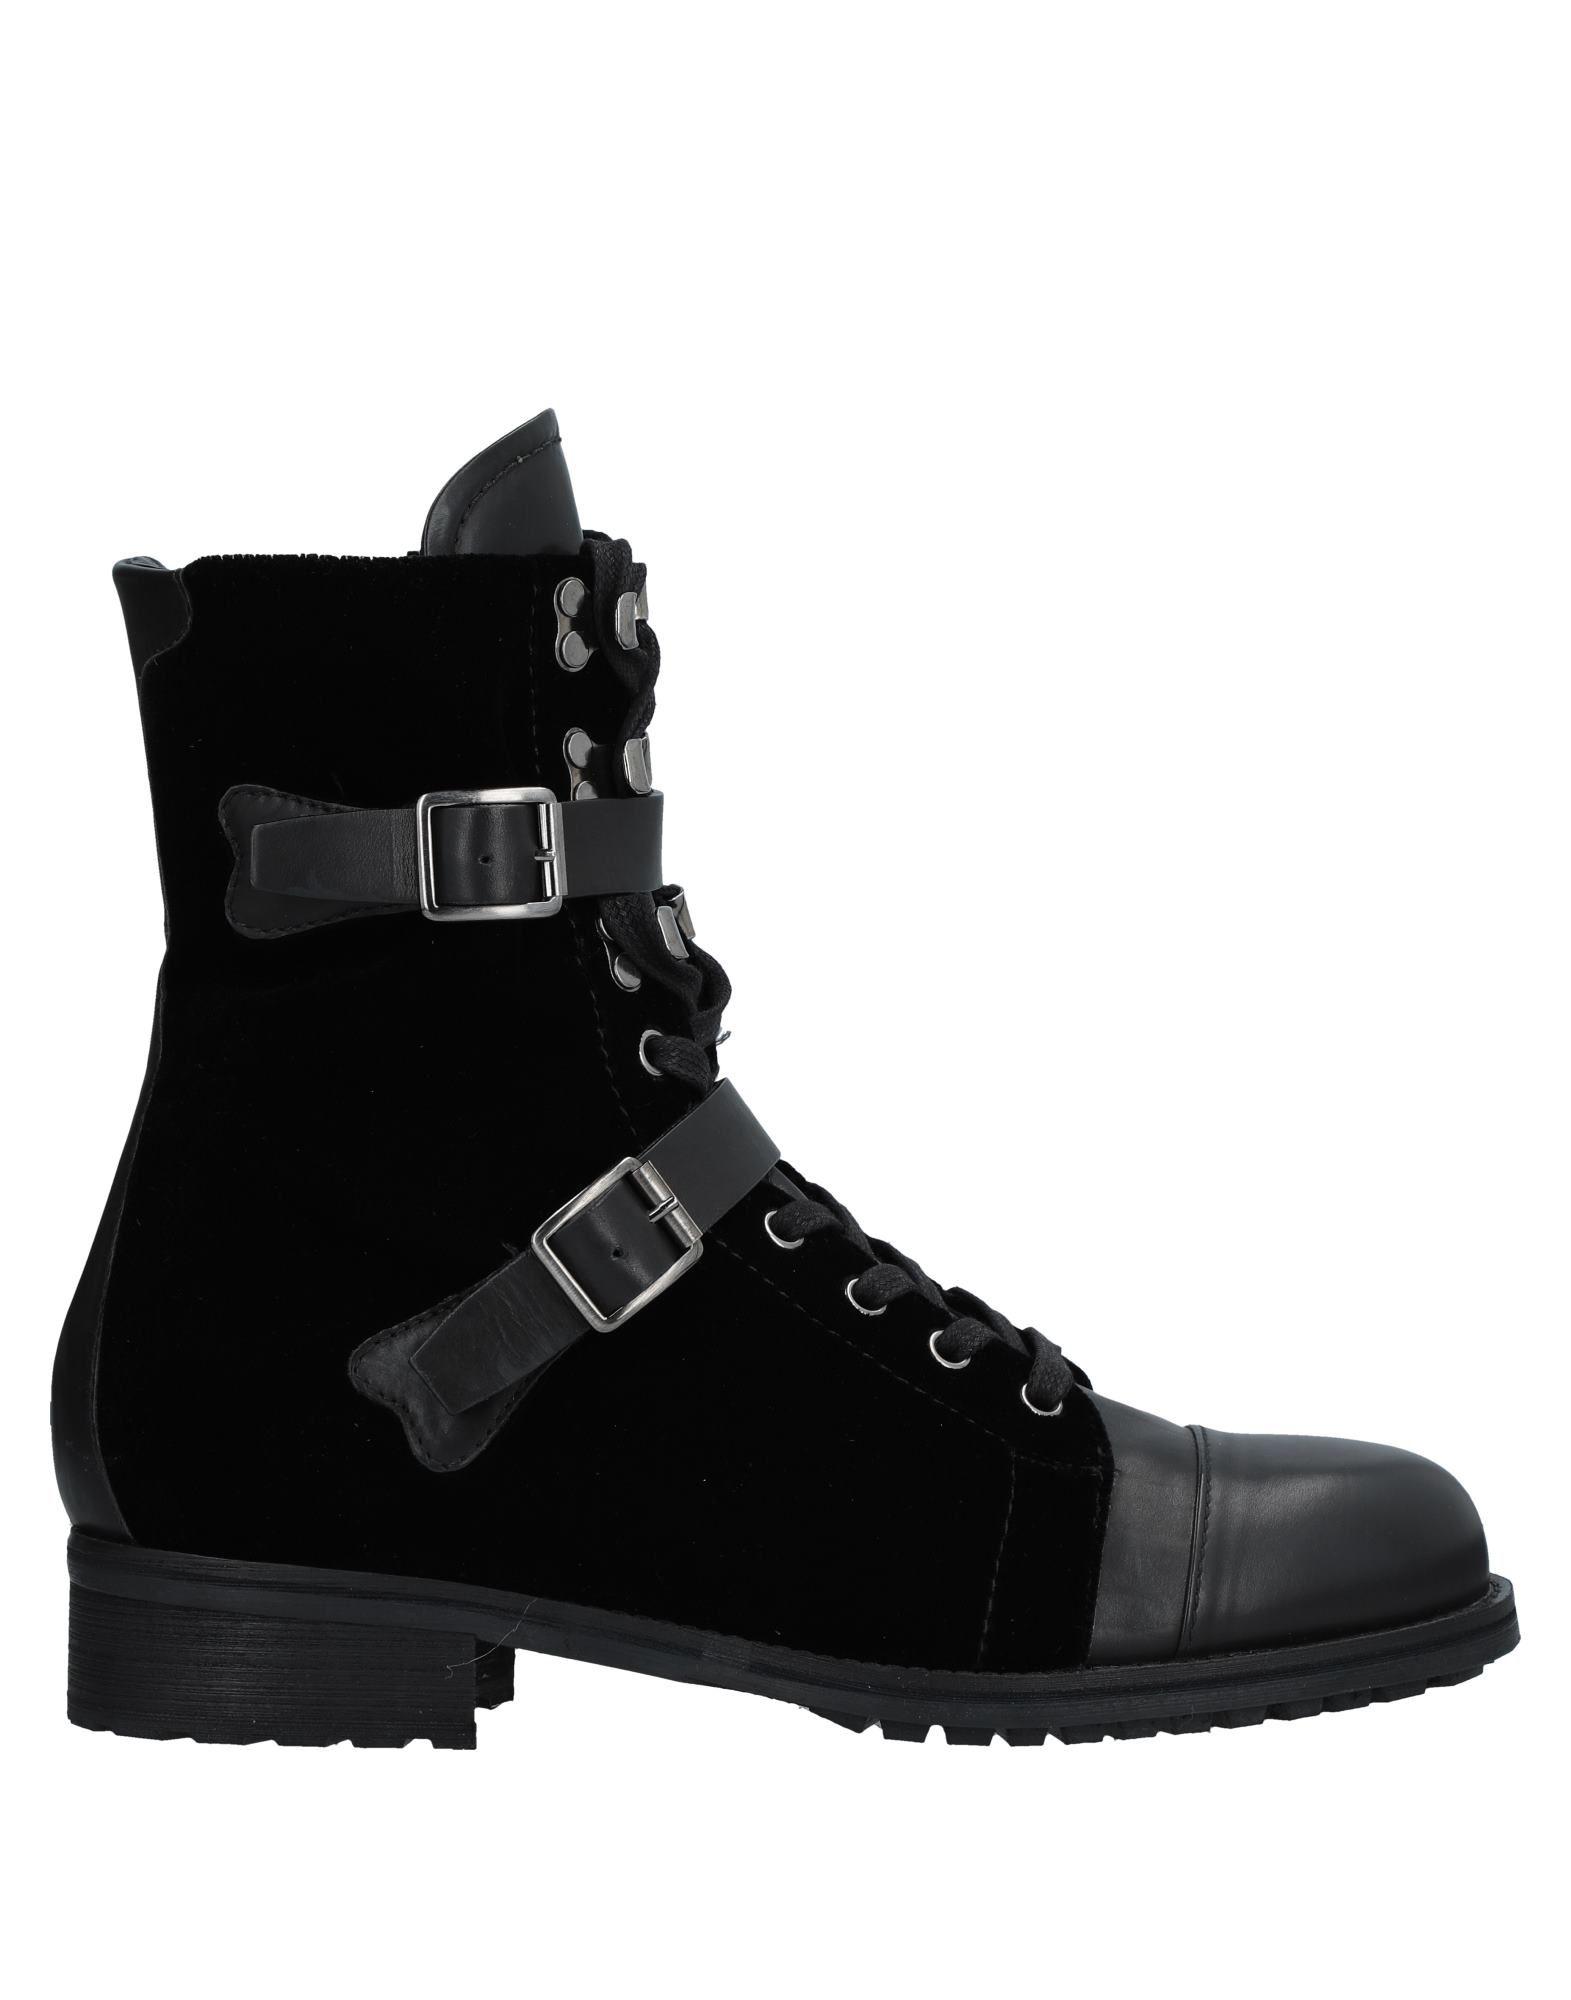 J|D JULIE DEE Полусапоги и высокие ботинки d s de полусапоги и высокие ботинки